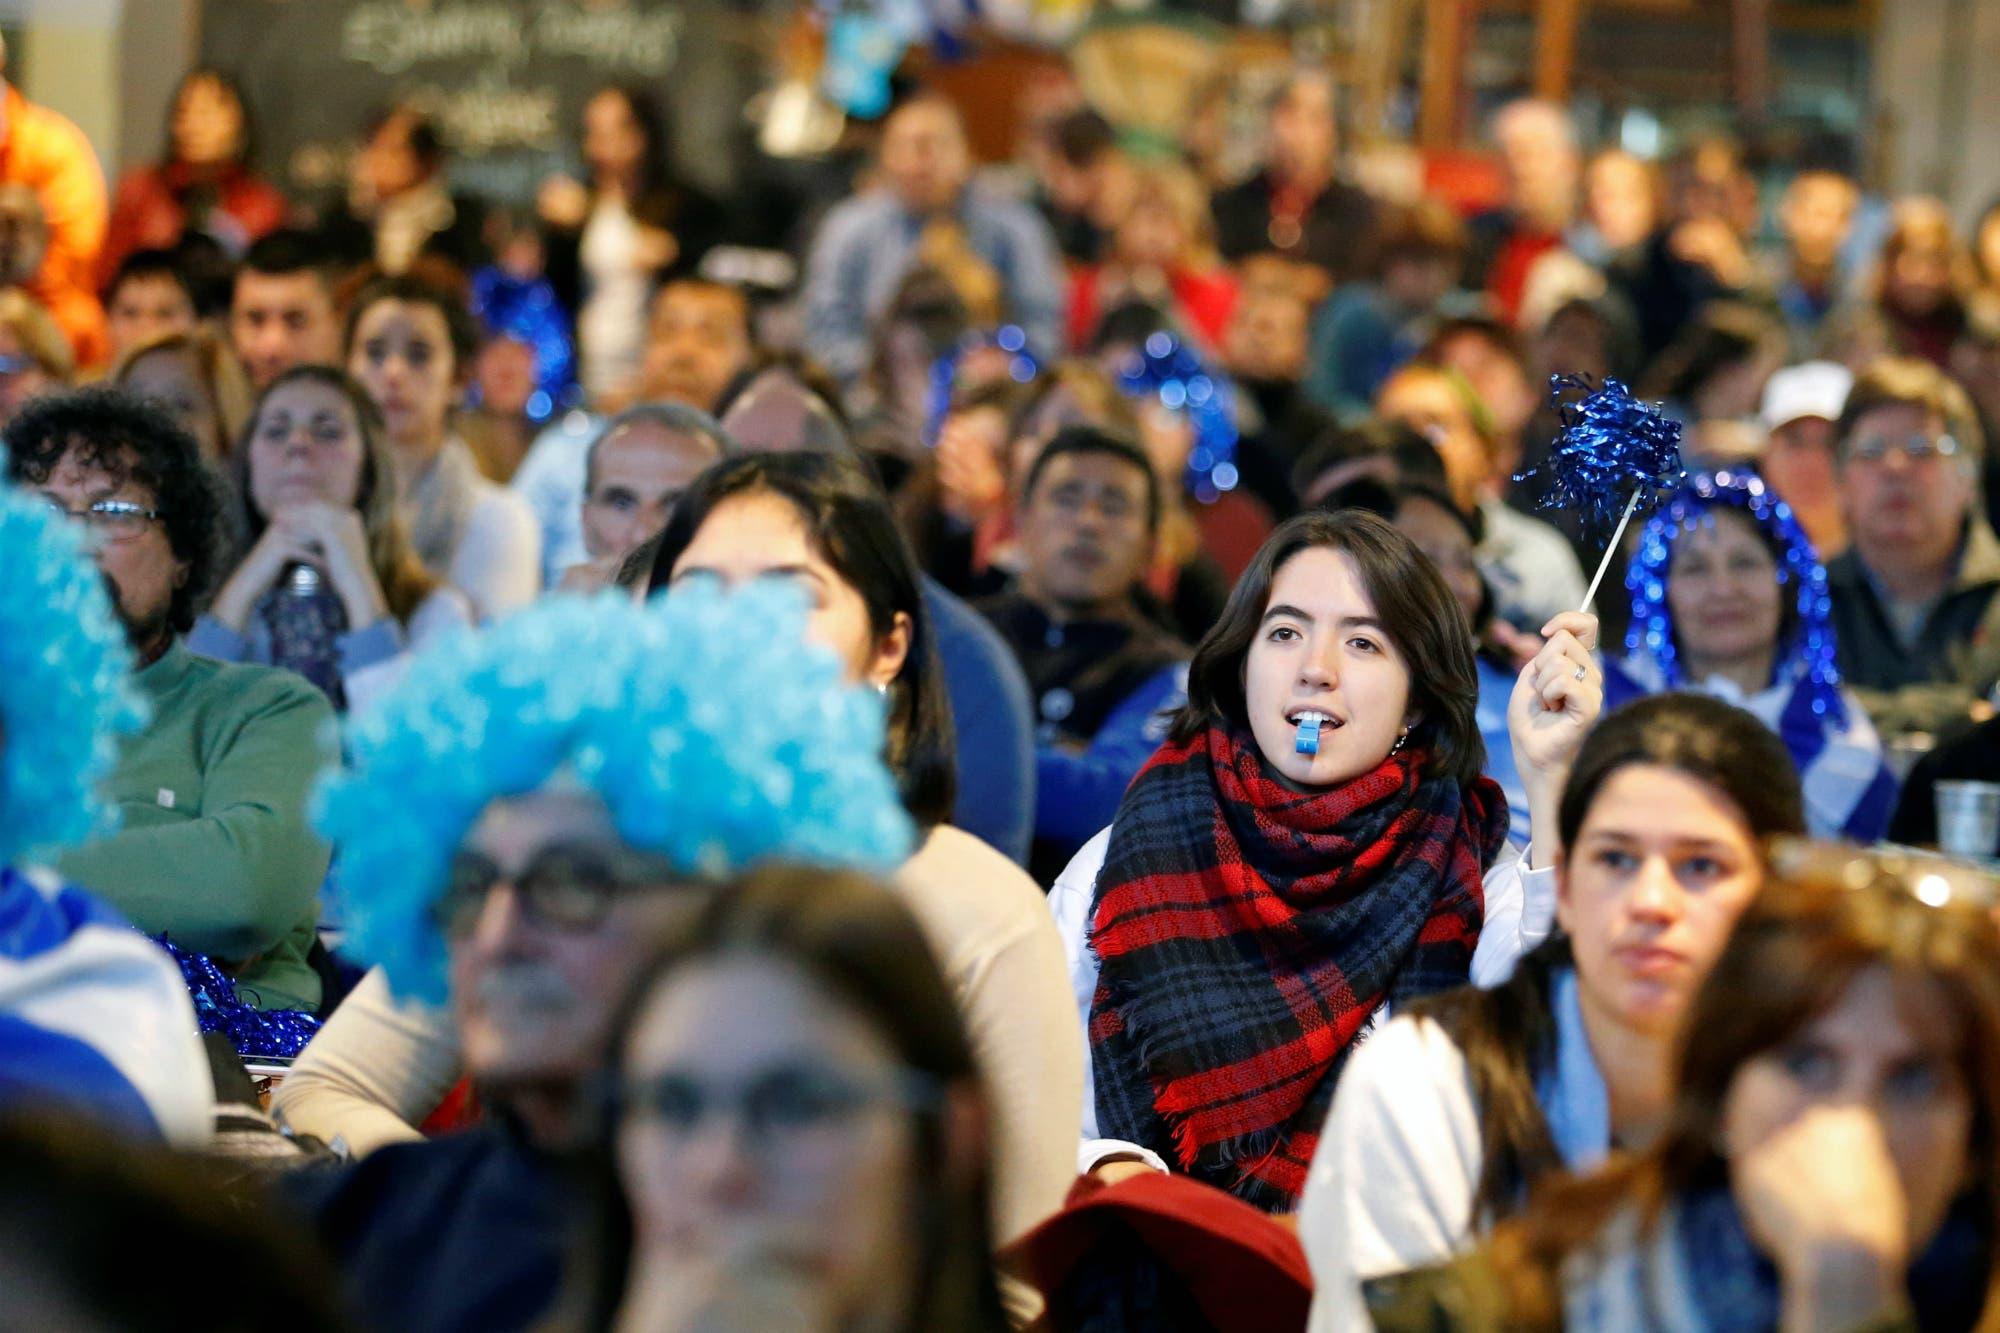 Con sensaciones encontradas, Uruguay también se paralizó frente a la TV con Argentina-Nigeria